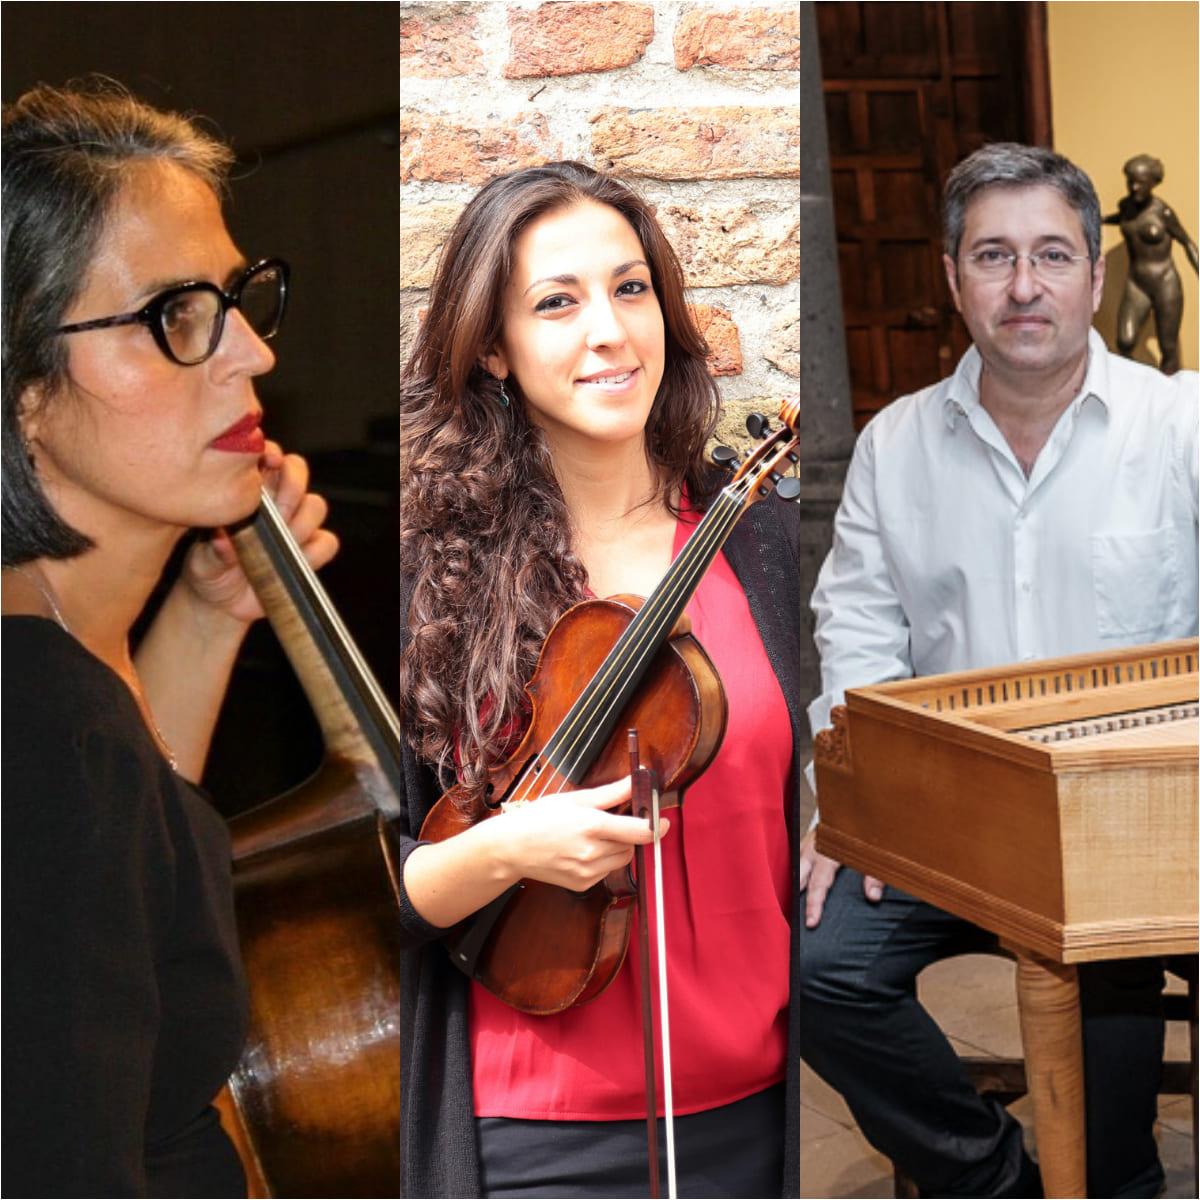 El ciclo 'Música antigua en el Patio' de la Casa de Colón acoge el concierto 'Suonare barroco' con obras de Handel, Boismortier y Corelli